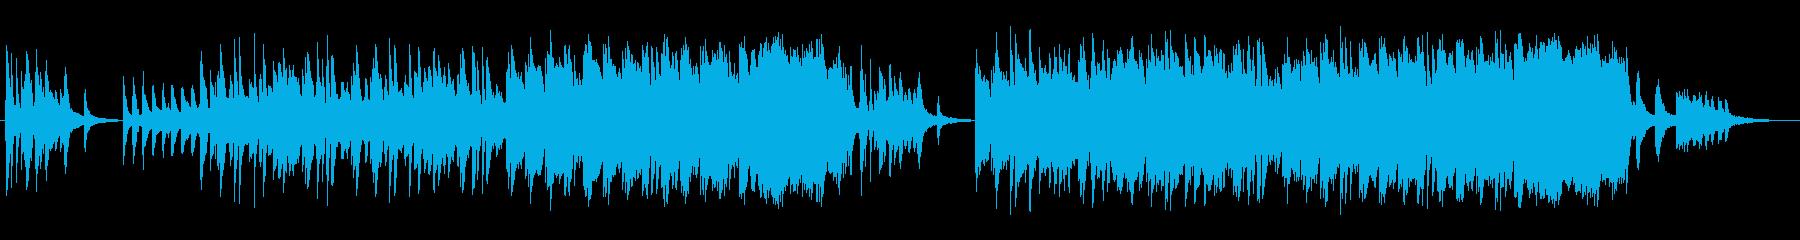 優しく美しいピアノサウンドの再生済みの波形